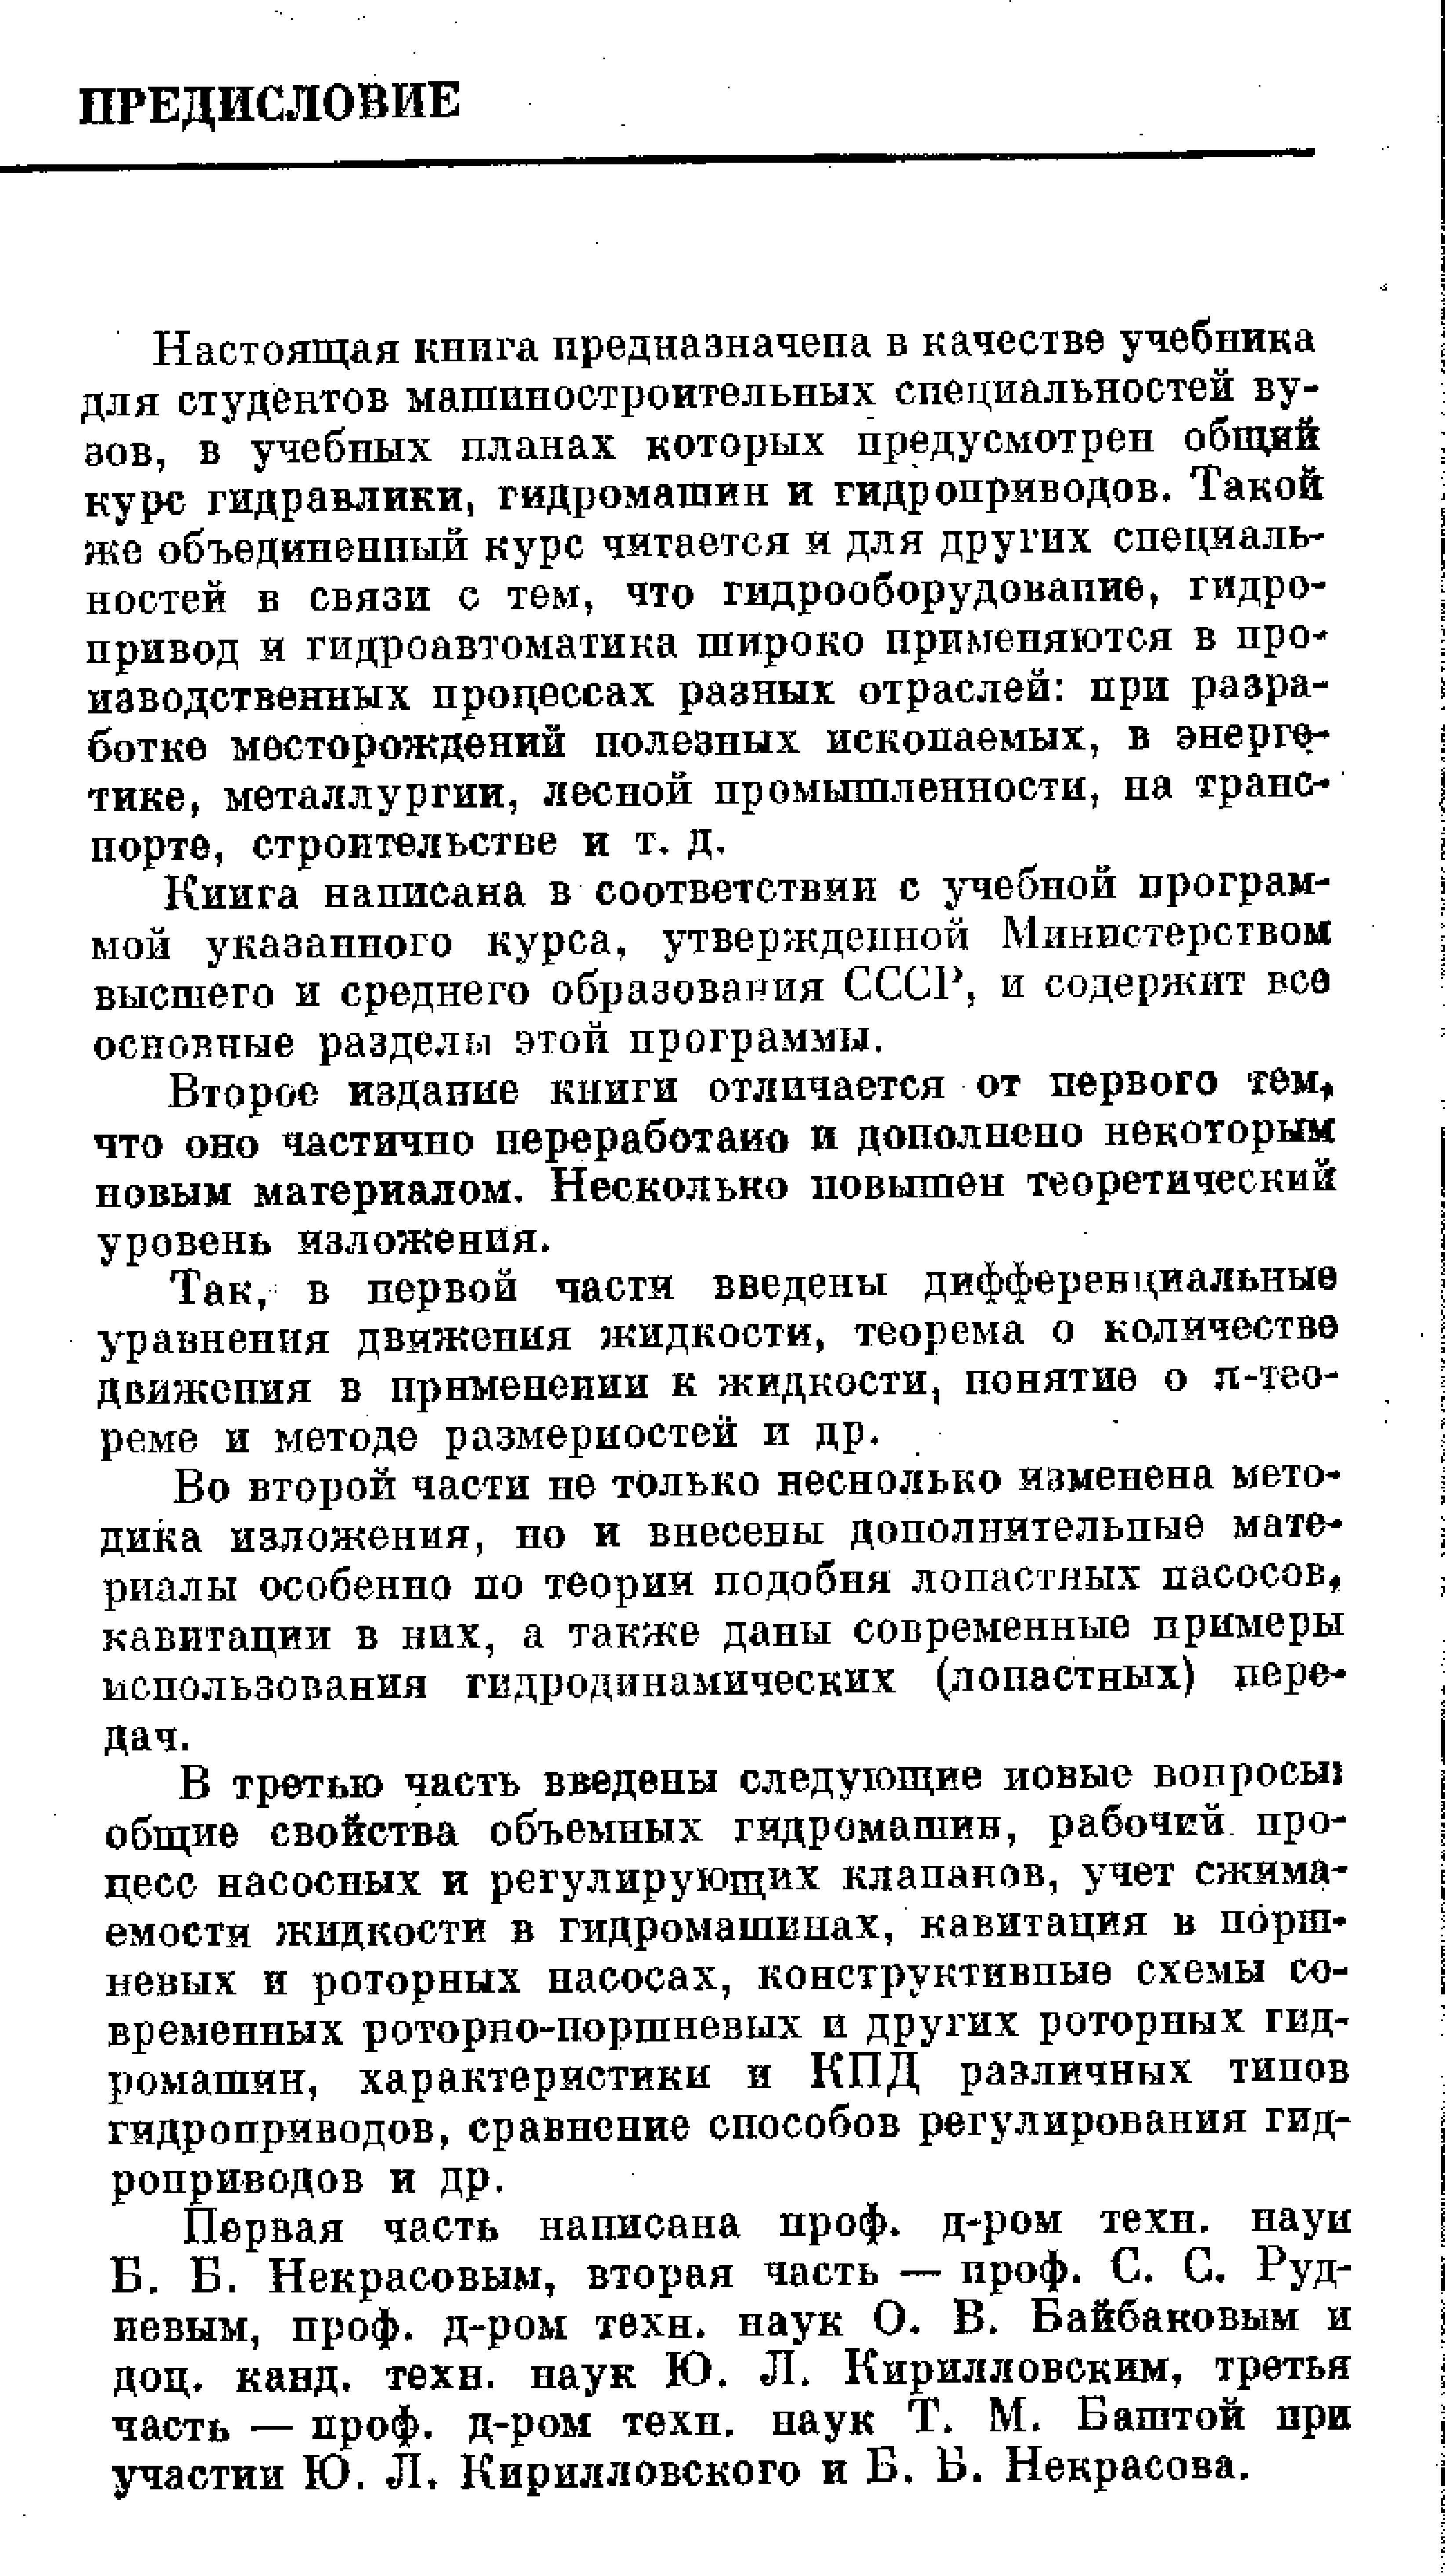 Решебник по машиностроительной гидравлике куколевского